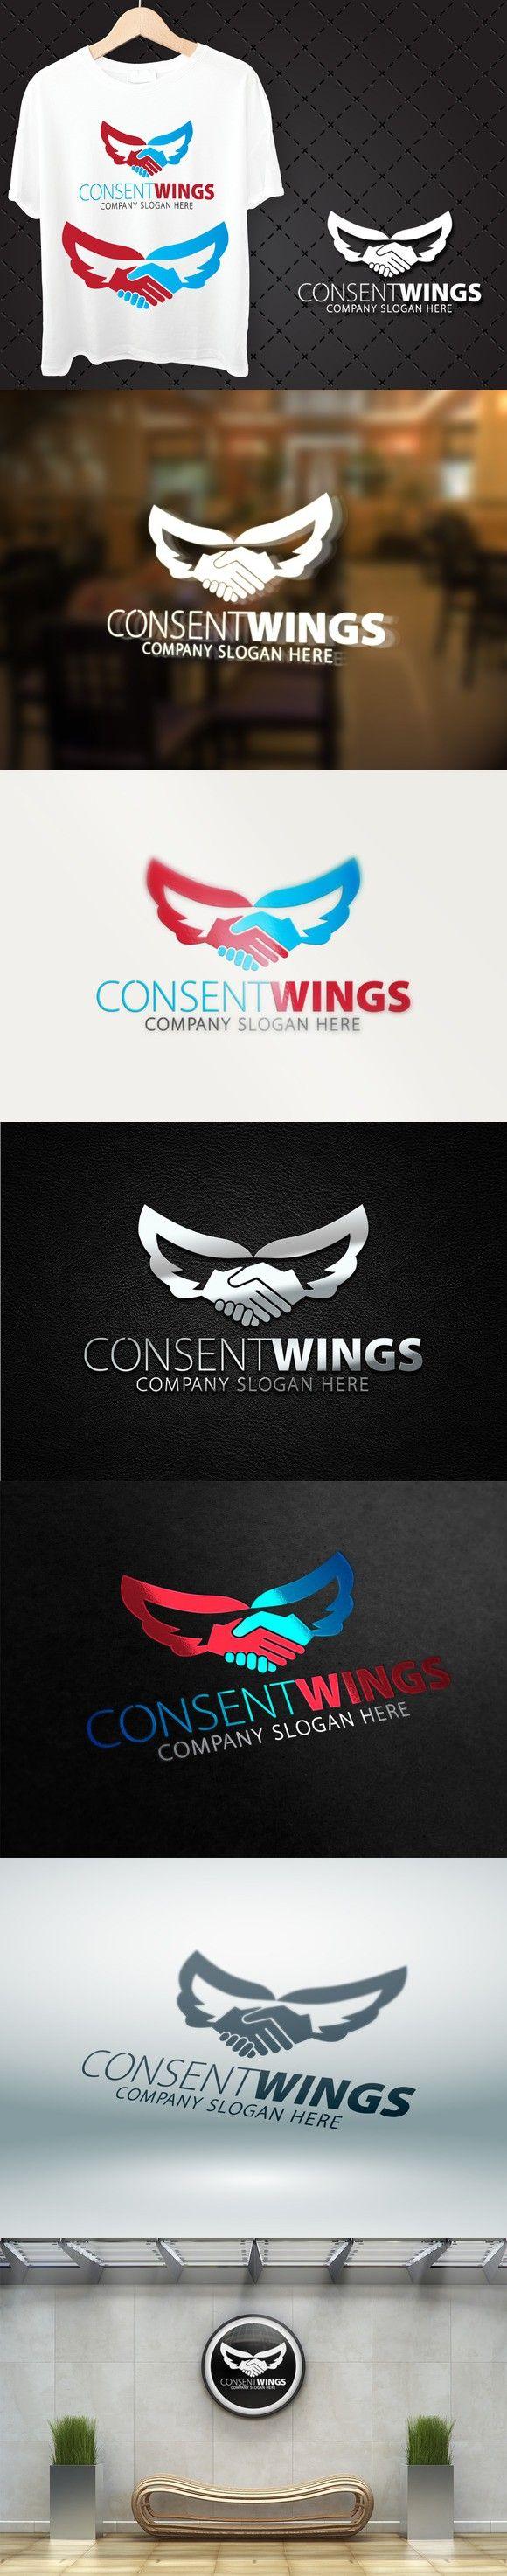 Consent Wings Logo. Premium Icons. $28.00